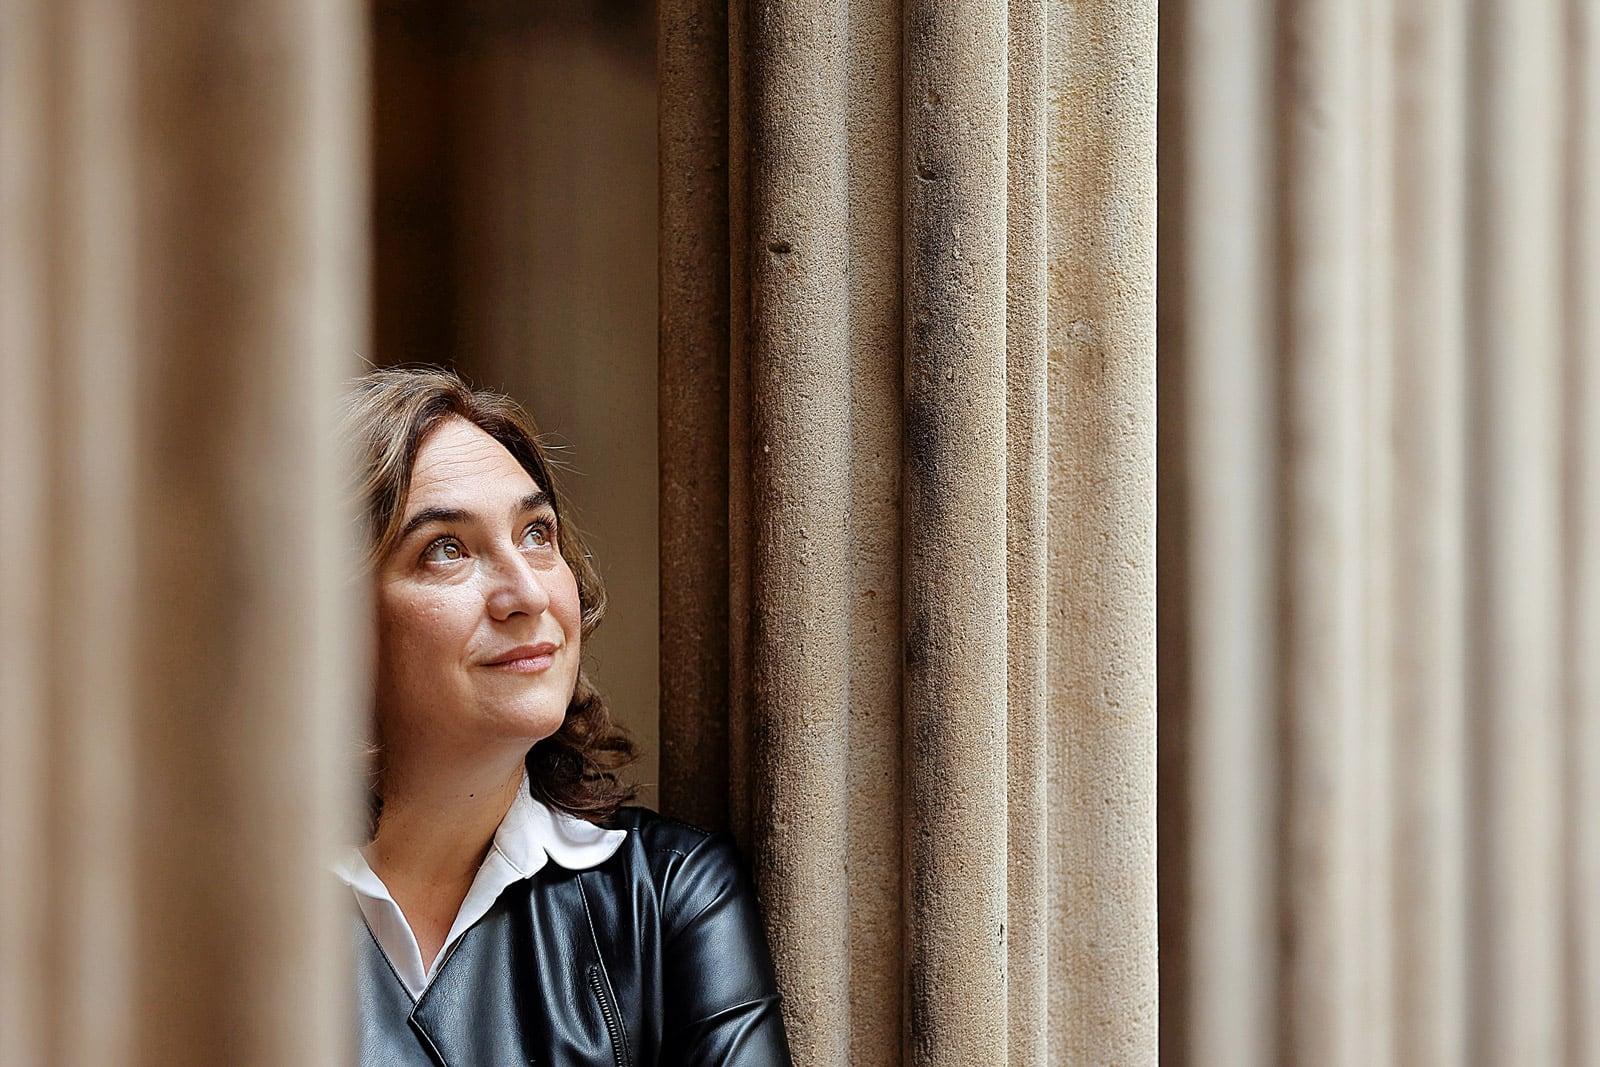 Ada Colau retratada a l'Ajuntament, el mes de maig del 2021. Fotografia de Quique García. Efe.